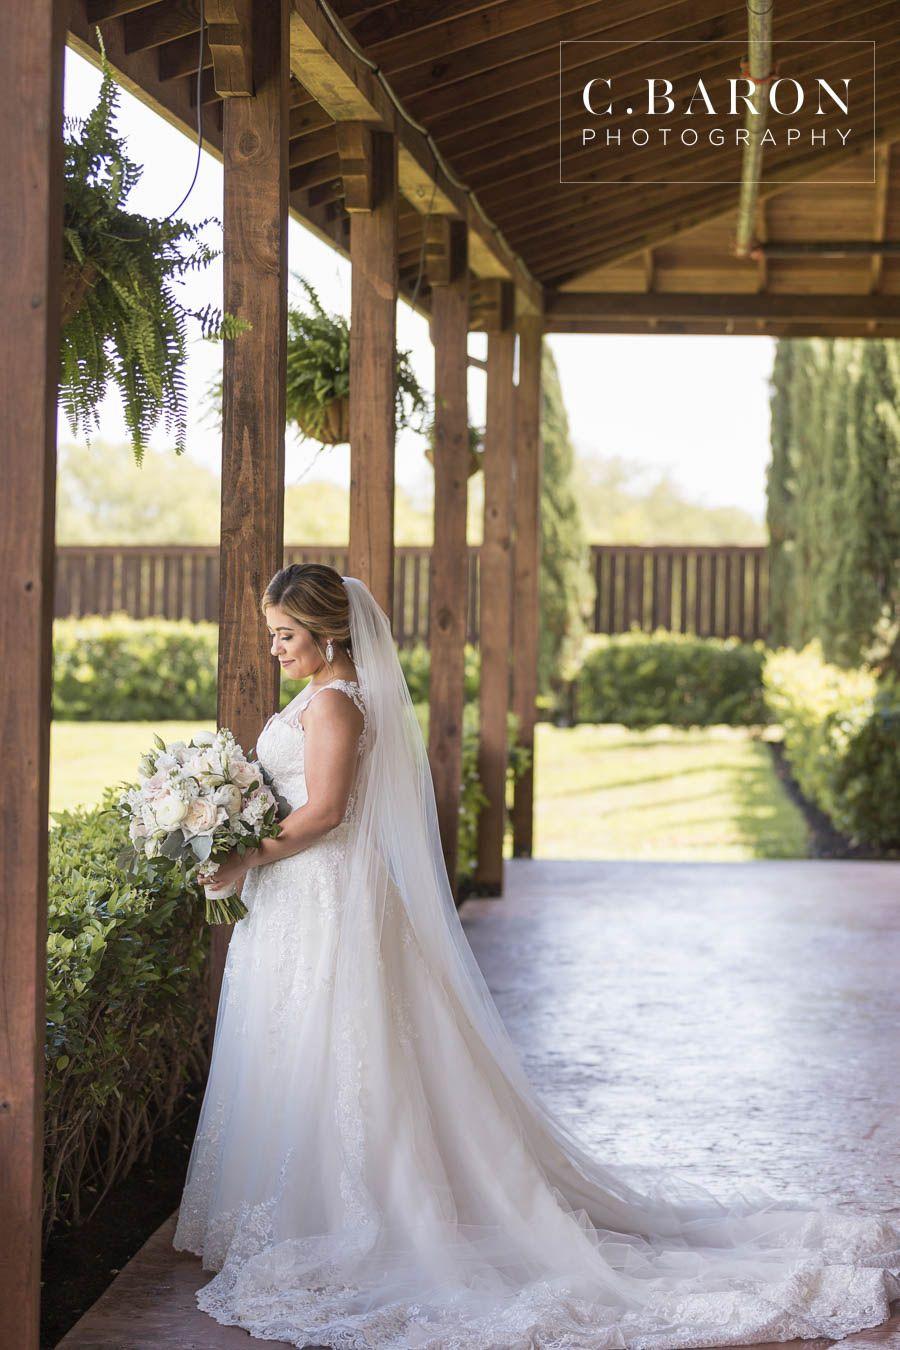   ranch wedding venue style   best outdoor wedding venues ...